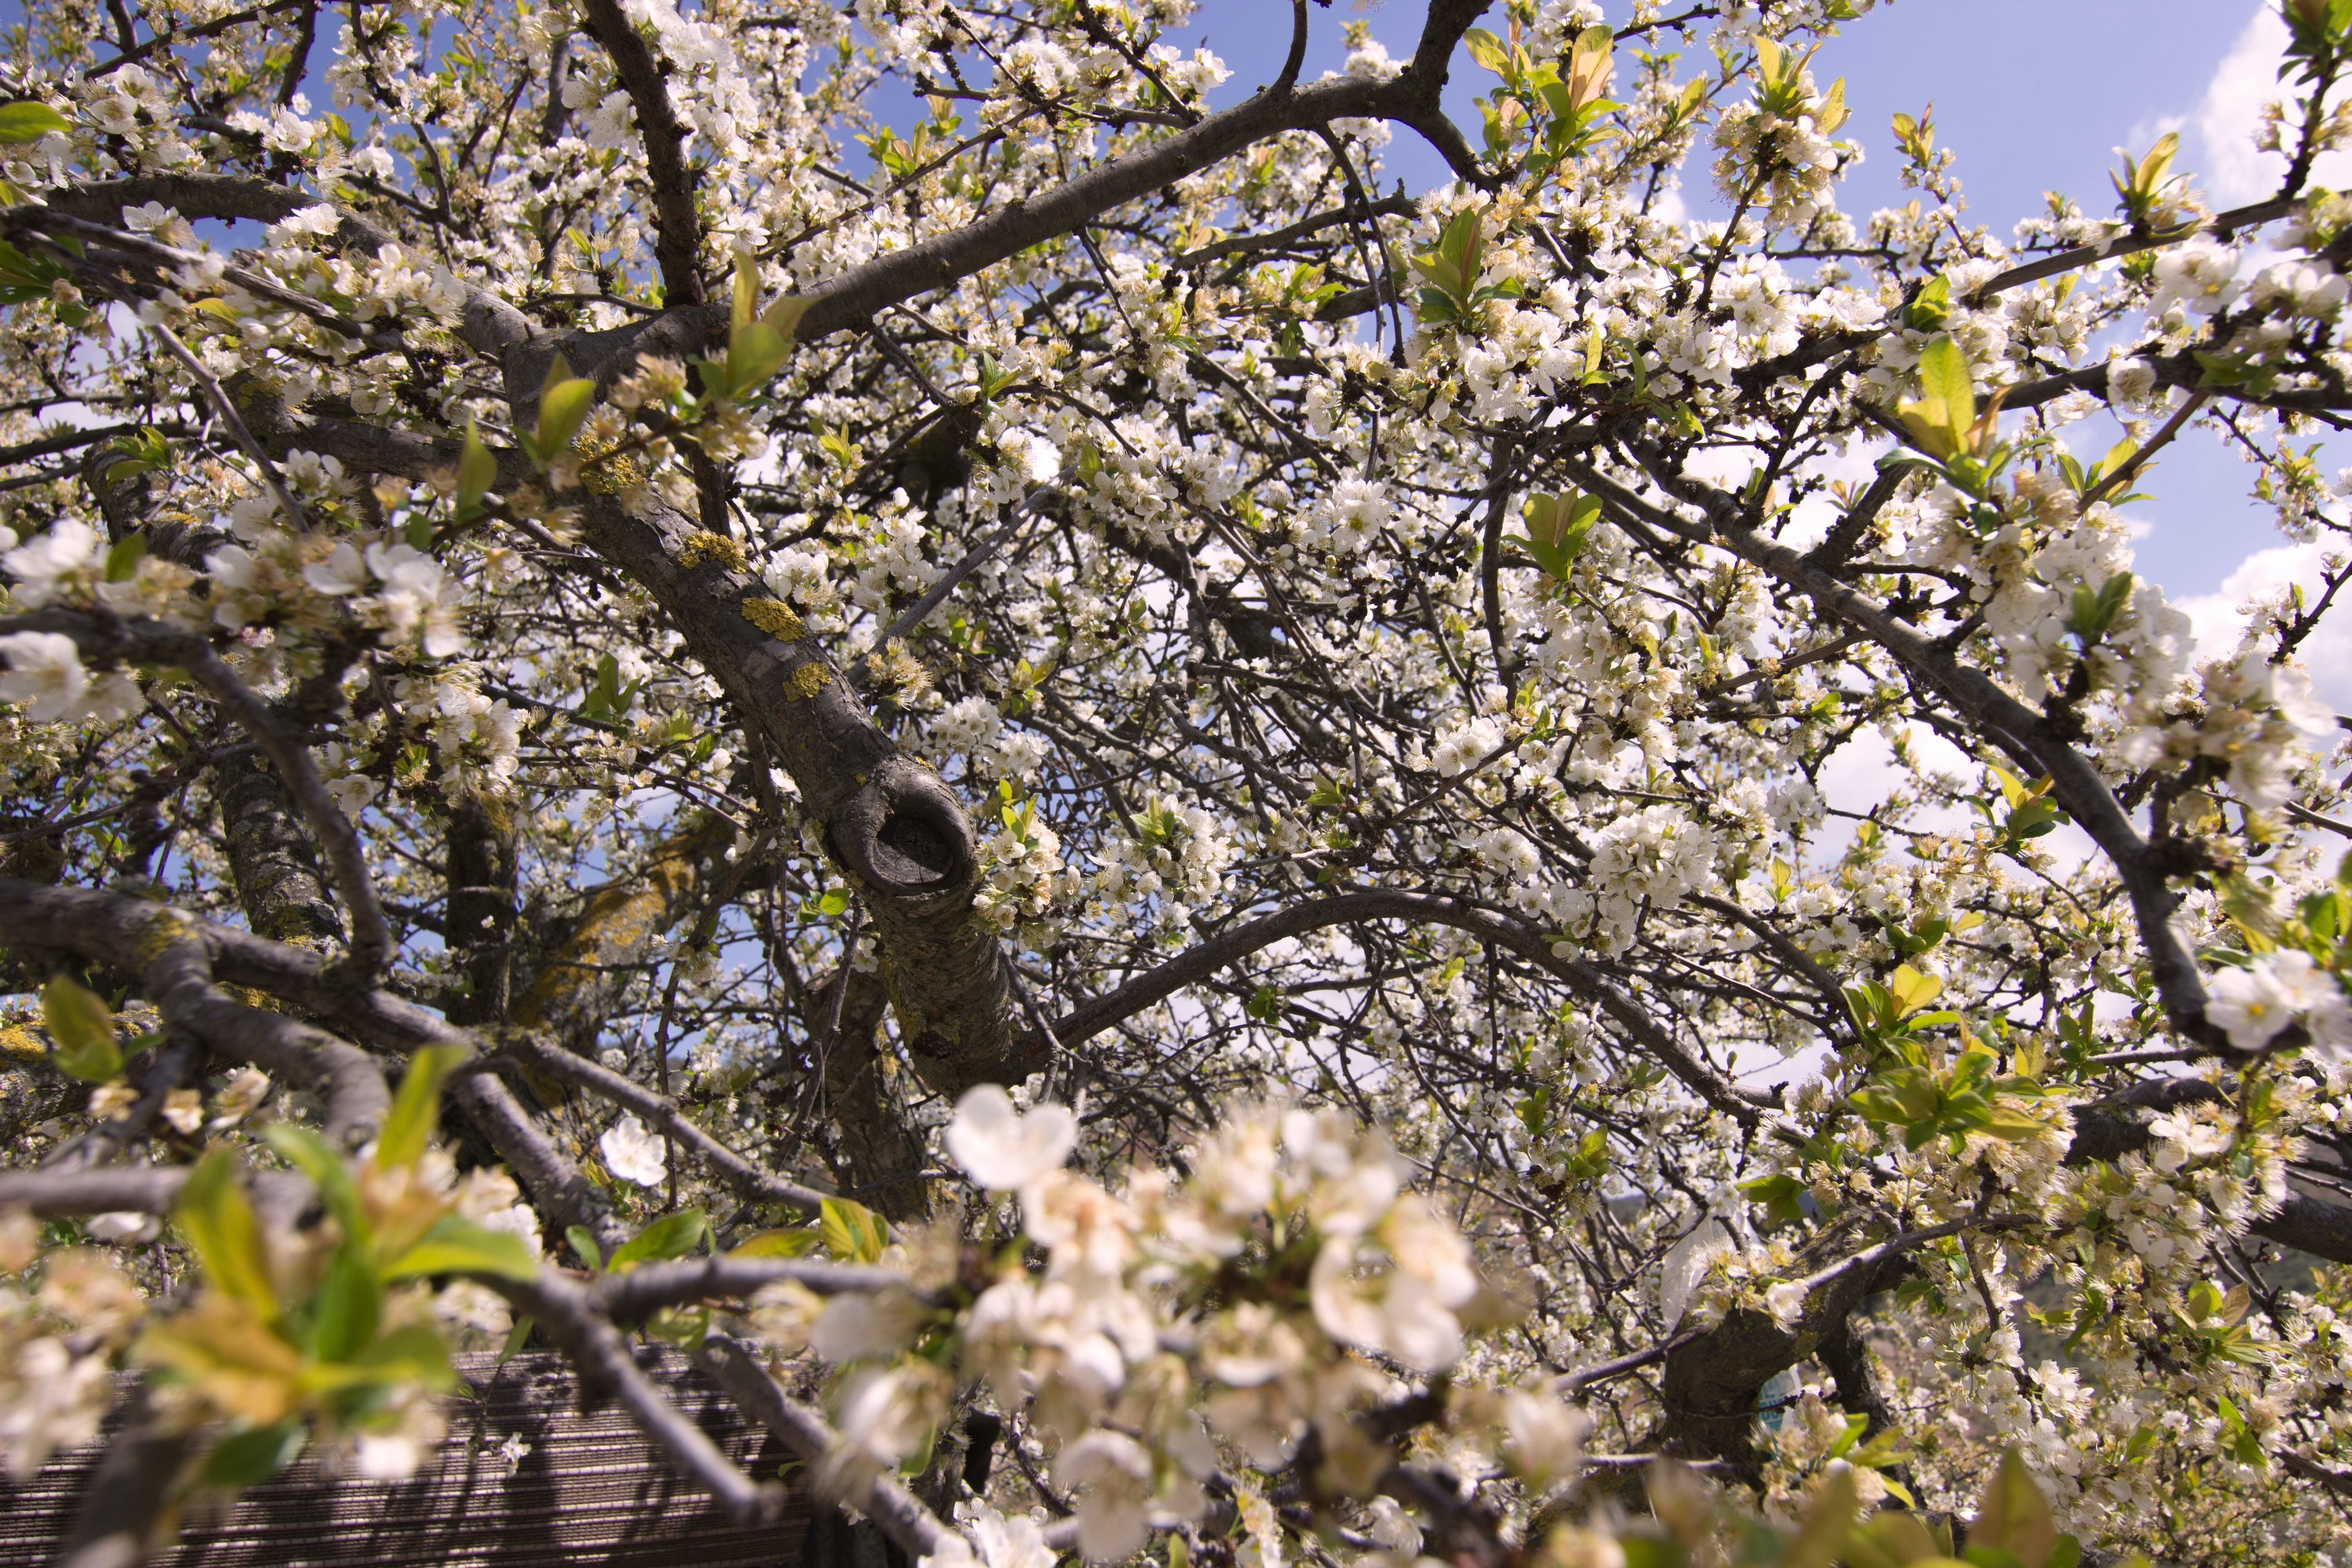 Fotos de stock gratuitas de árbol, nubes, planta, sol